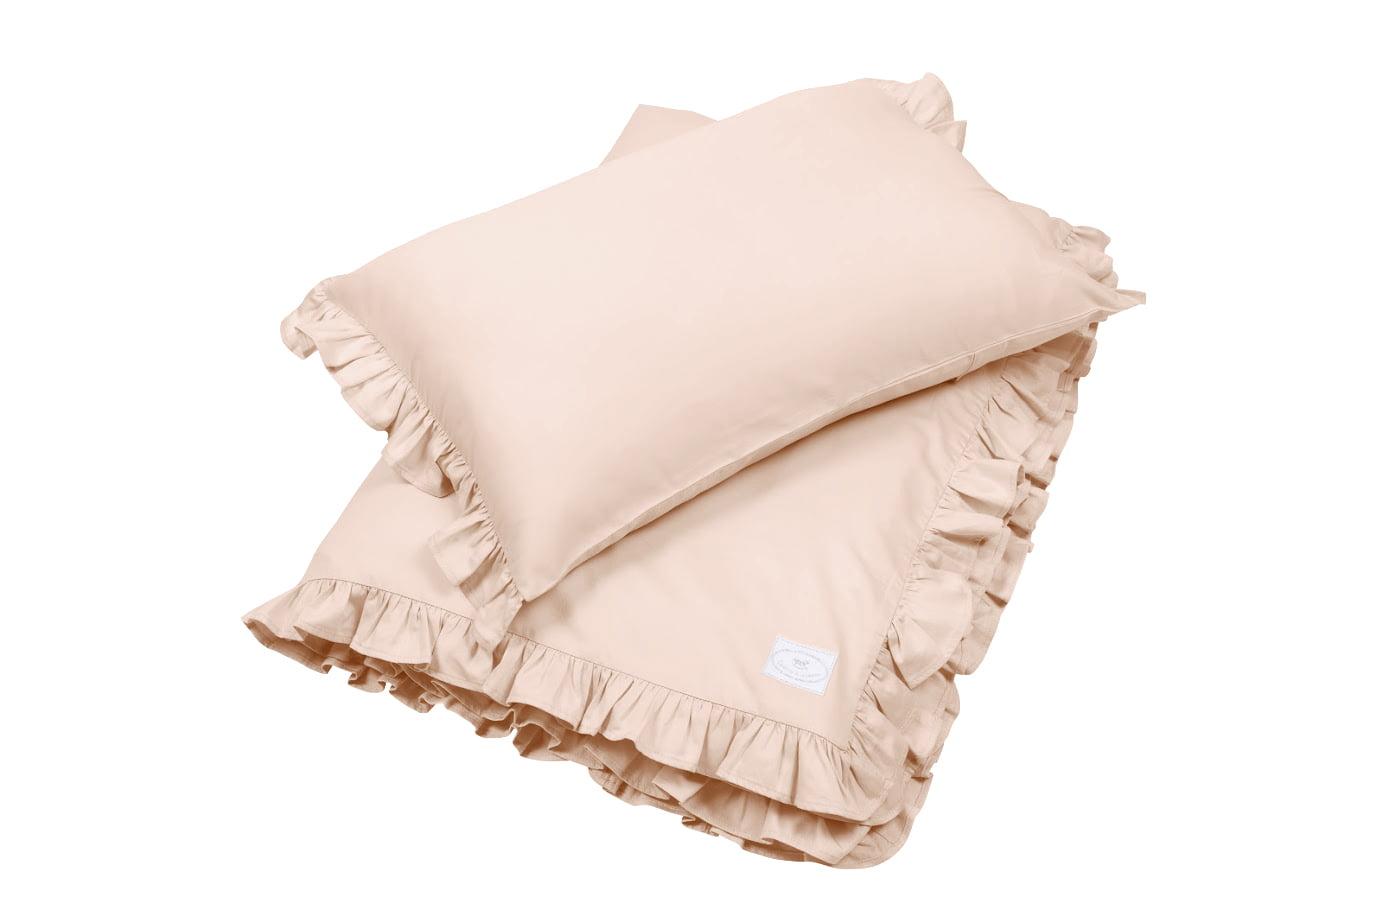 postelna-bielizen-junior-3-dadaboom-sk